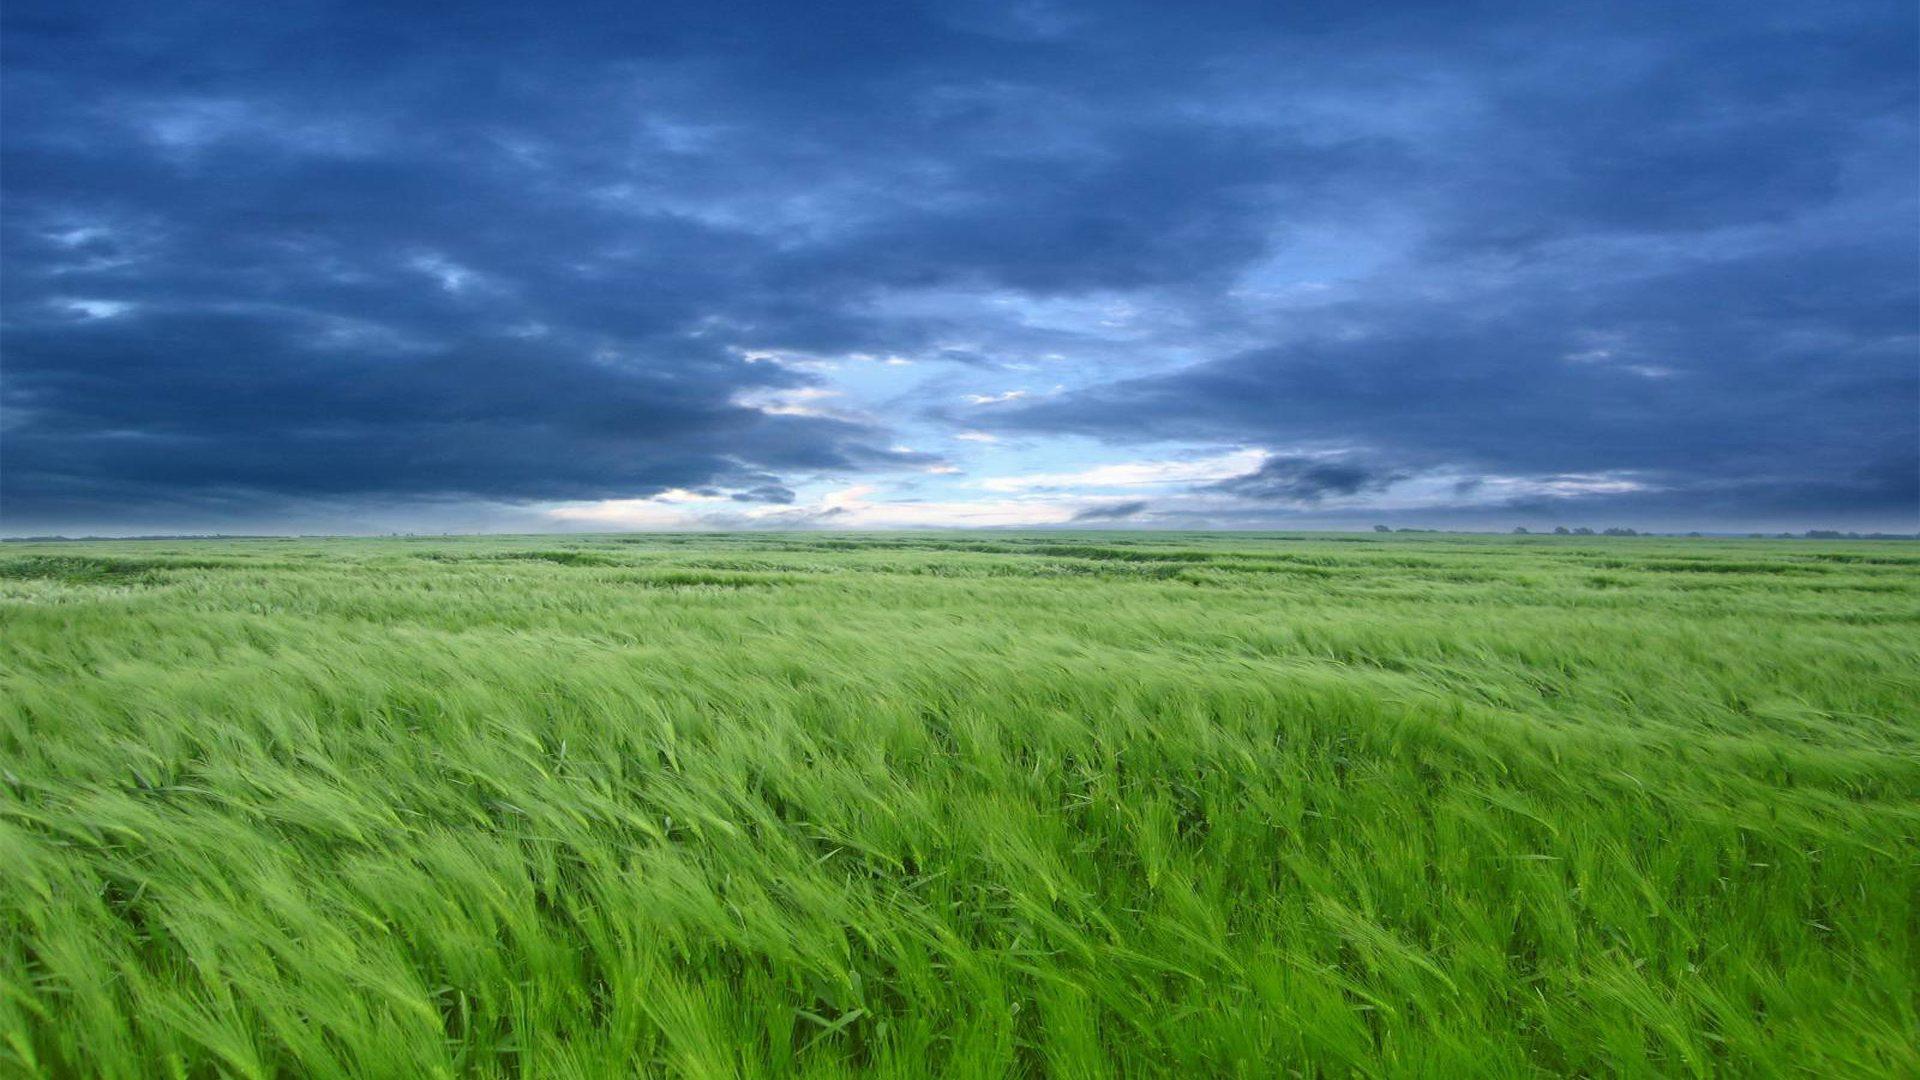 ¿Qué es la nube verde?